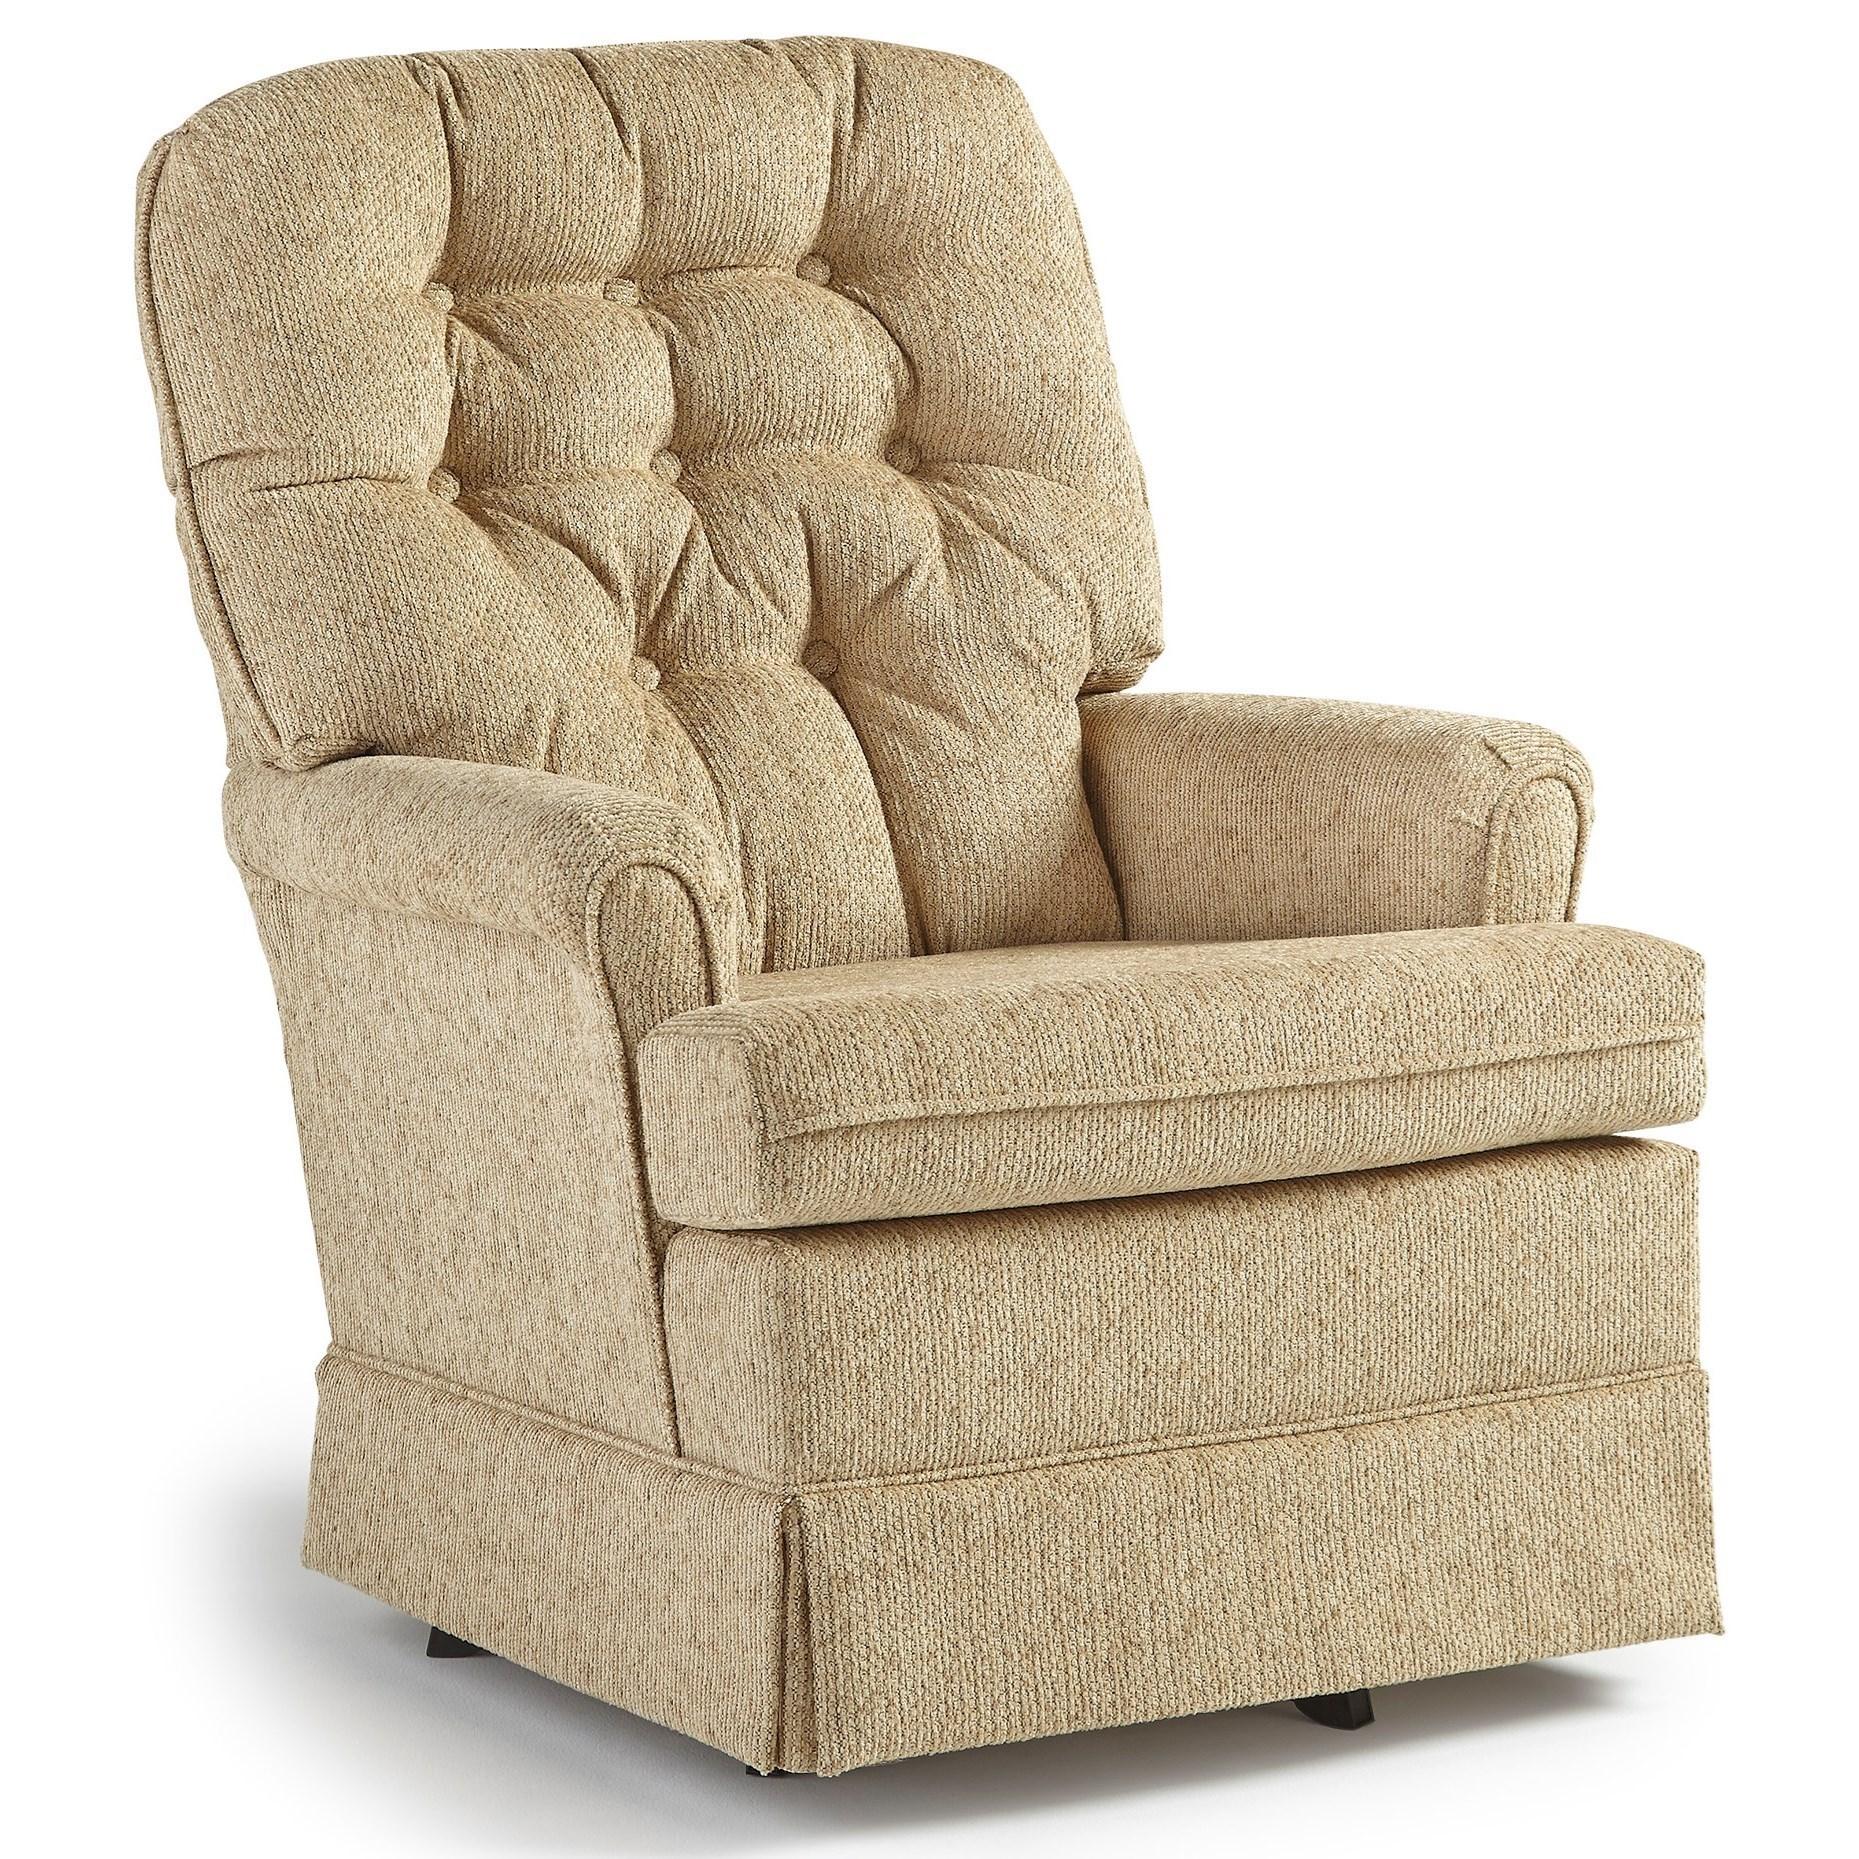 Best Home Furnishings Swivel Glide ChairsJoplin Swivel Rocker Chair